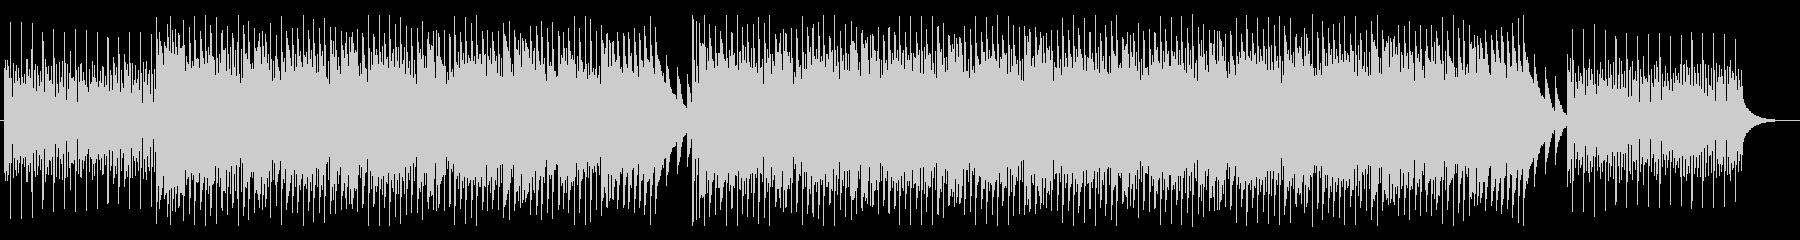 ウクレレで嬉しいハッピーな雰囲気のBGMの未再生の波形